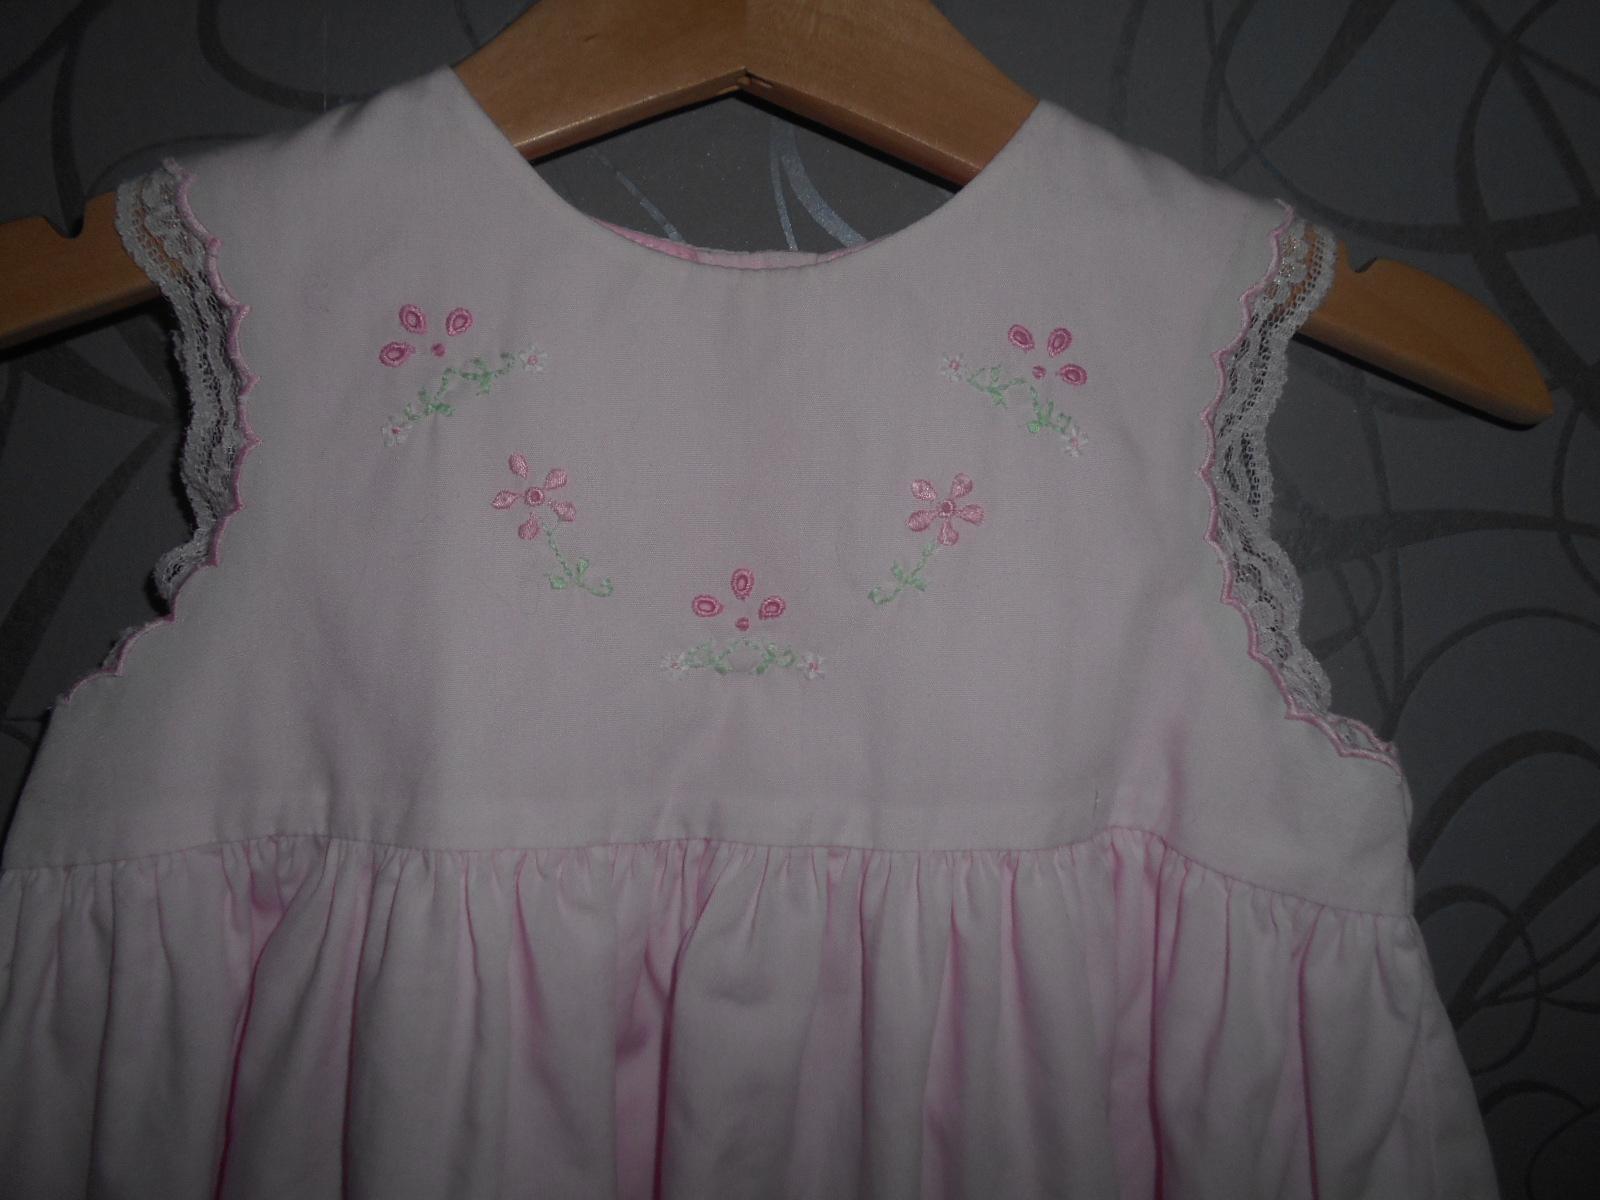 růžové šatečky 6-9měsíců - Obrázek č. 1